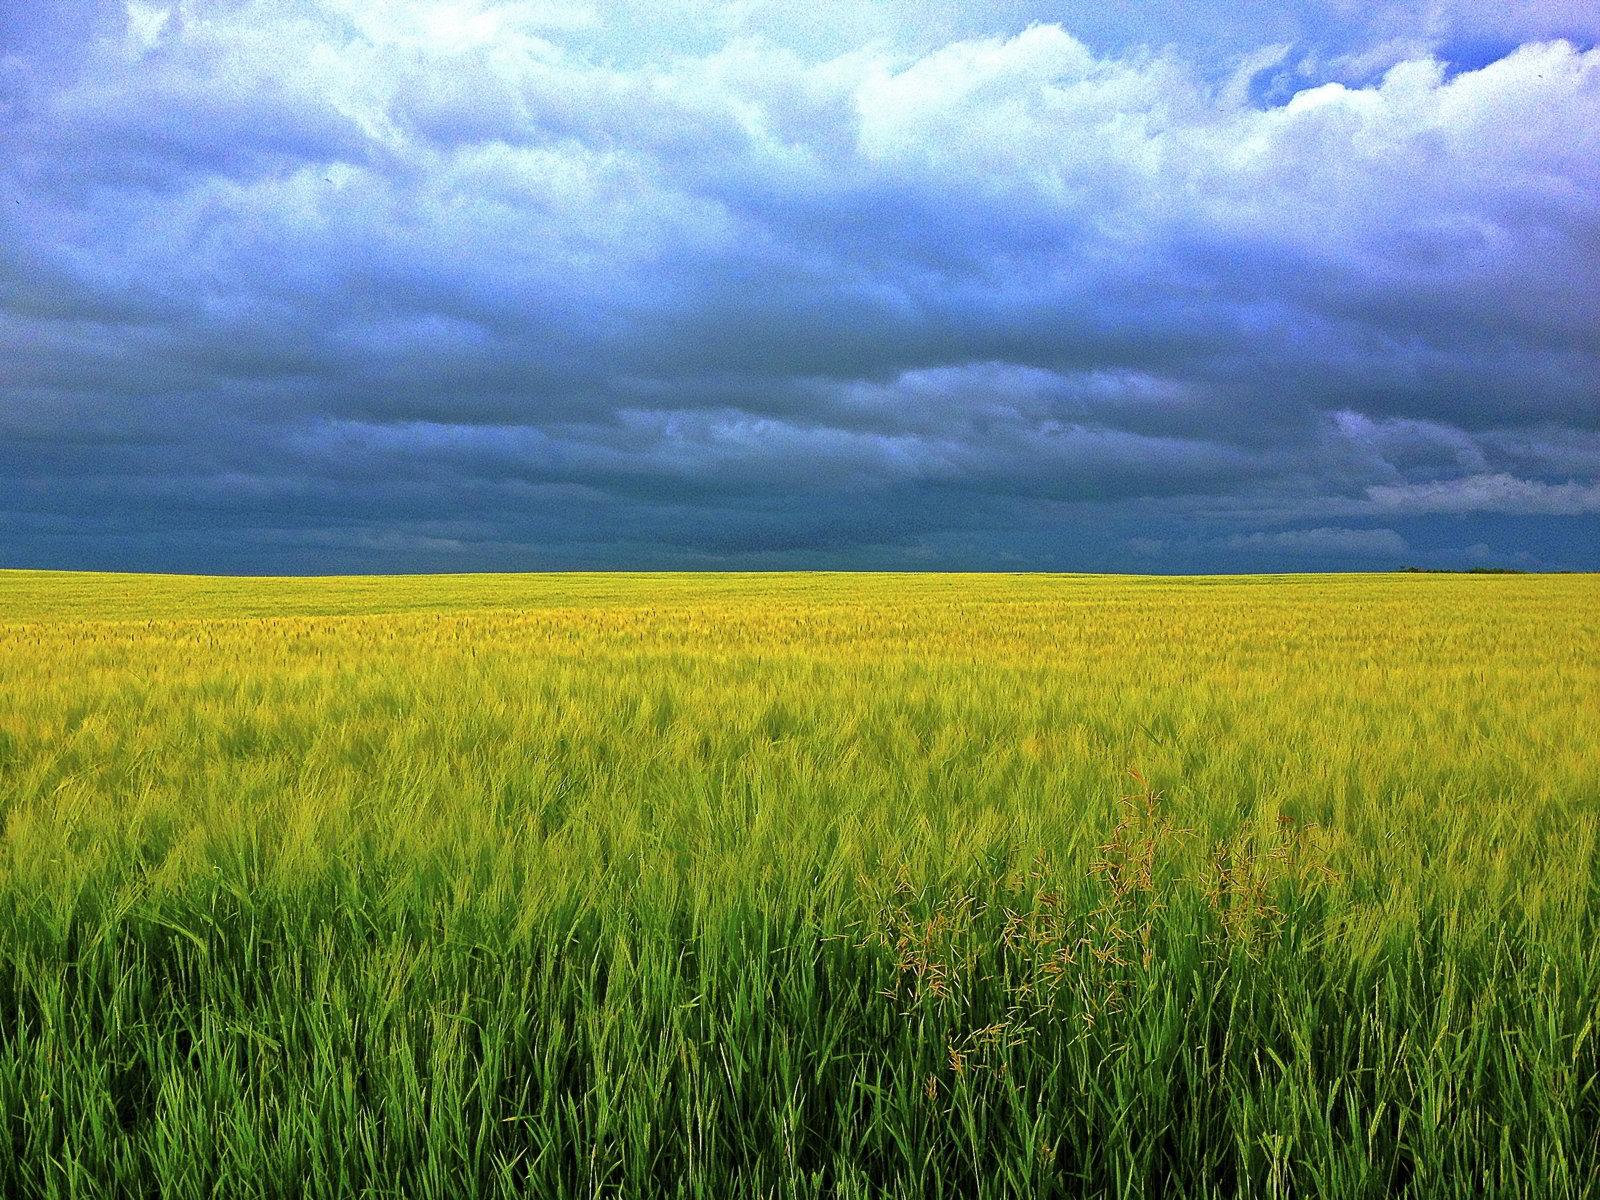 hình ảnh cánh đồng lúa chín